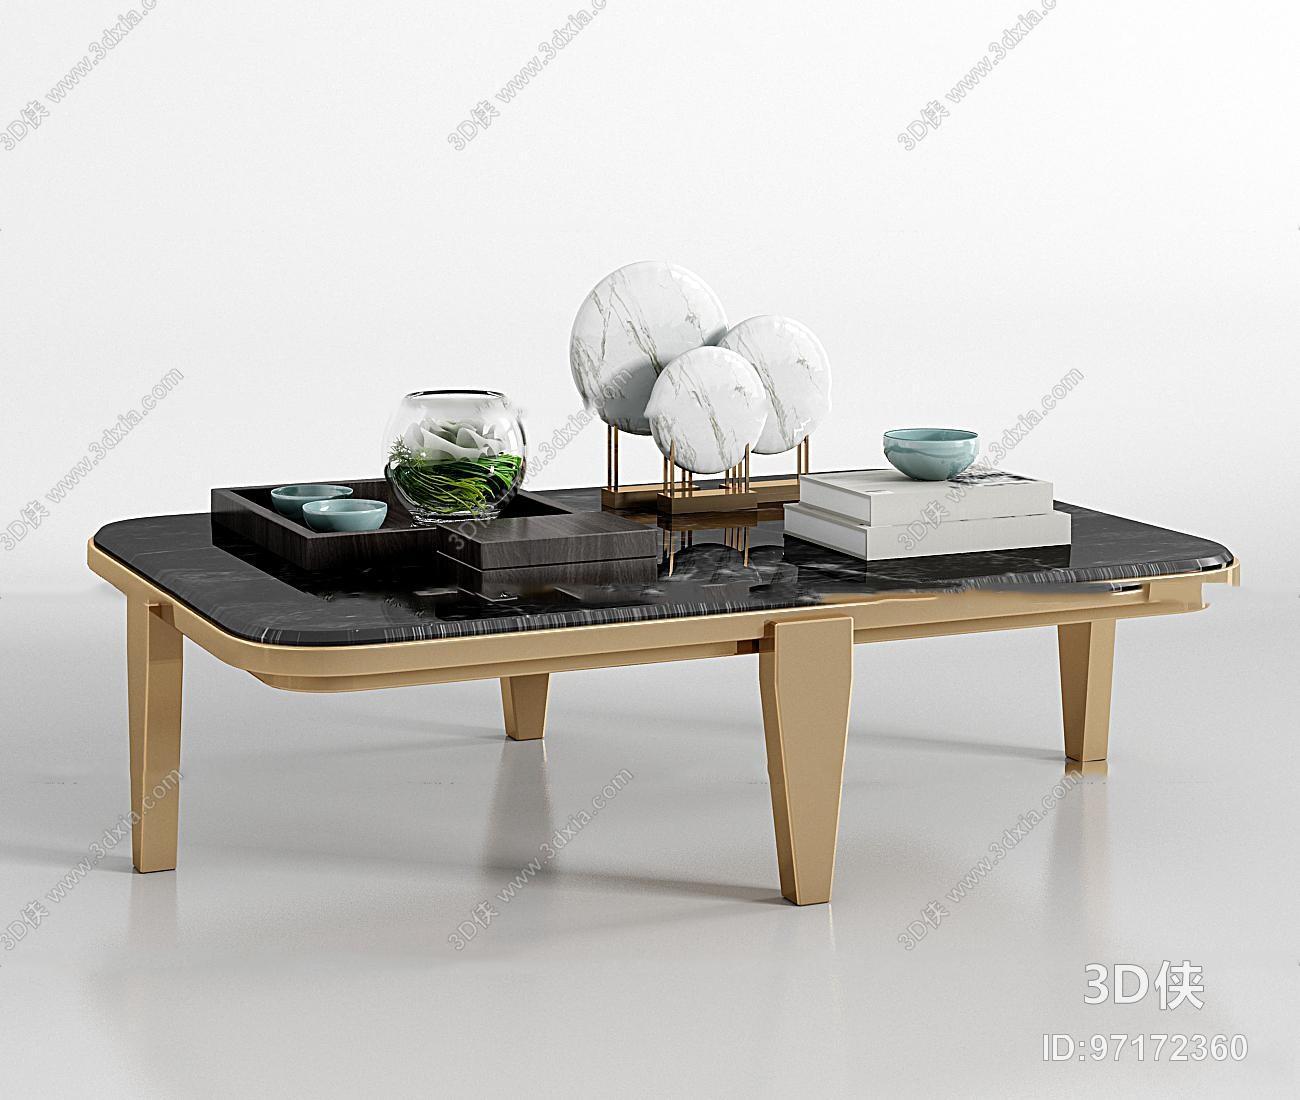 效果圖素材免費下載,本作品主題是現代金屬大理石茶幾擺件組合3d模型